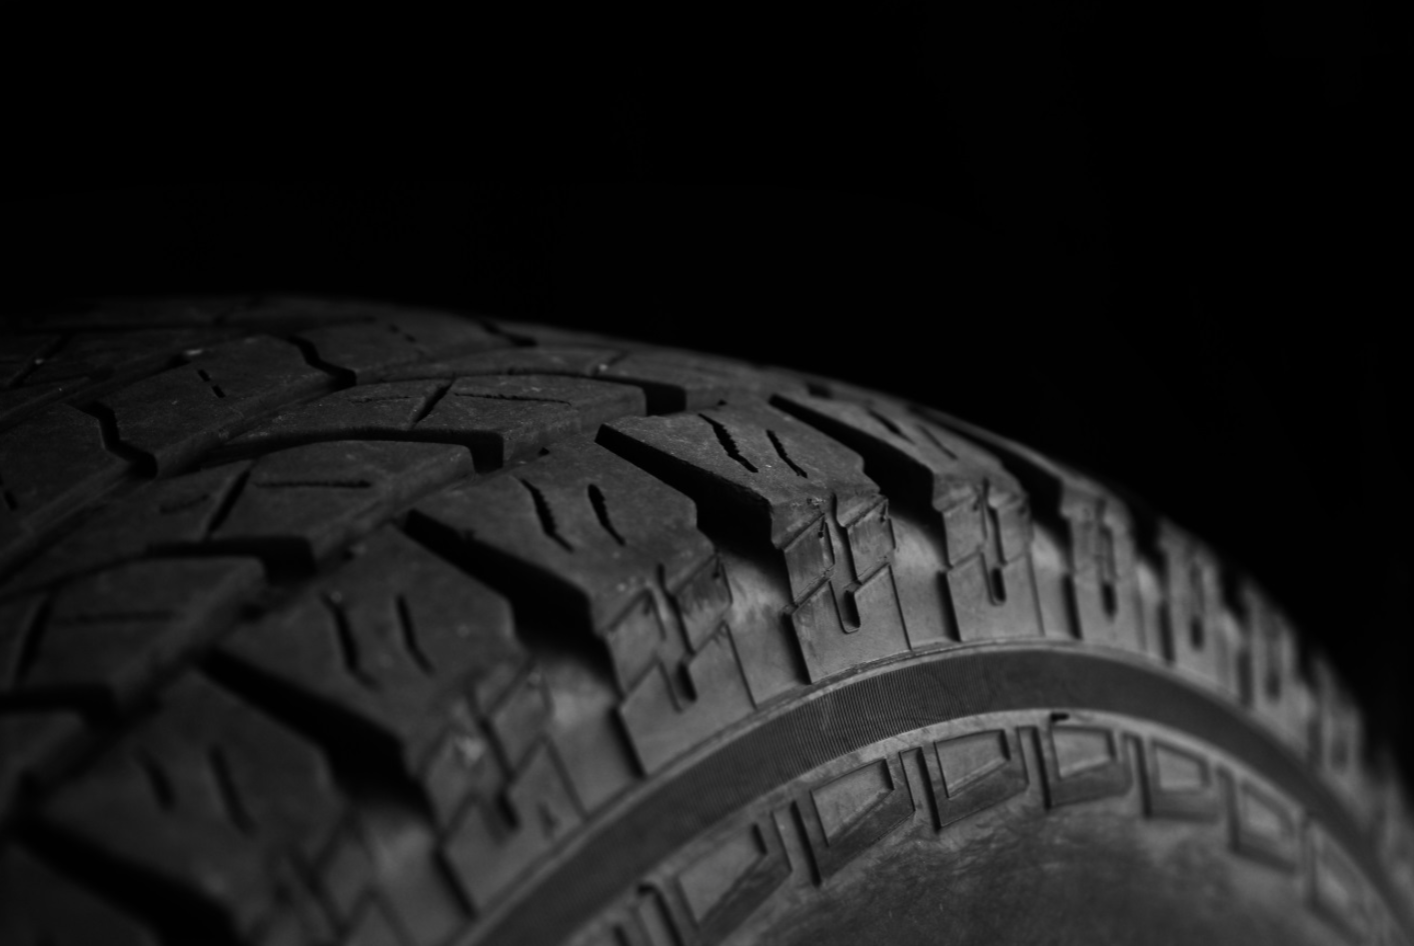 estrutura pneu